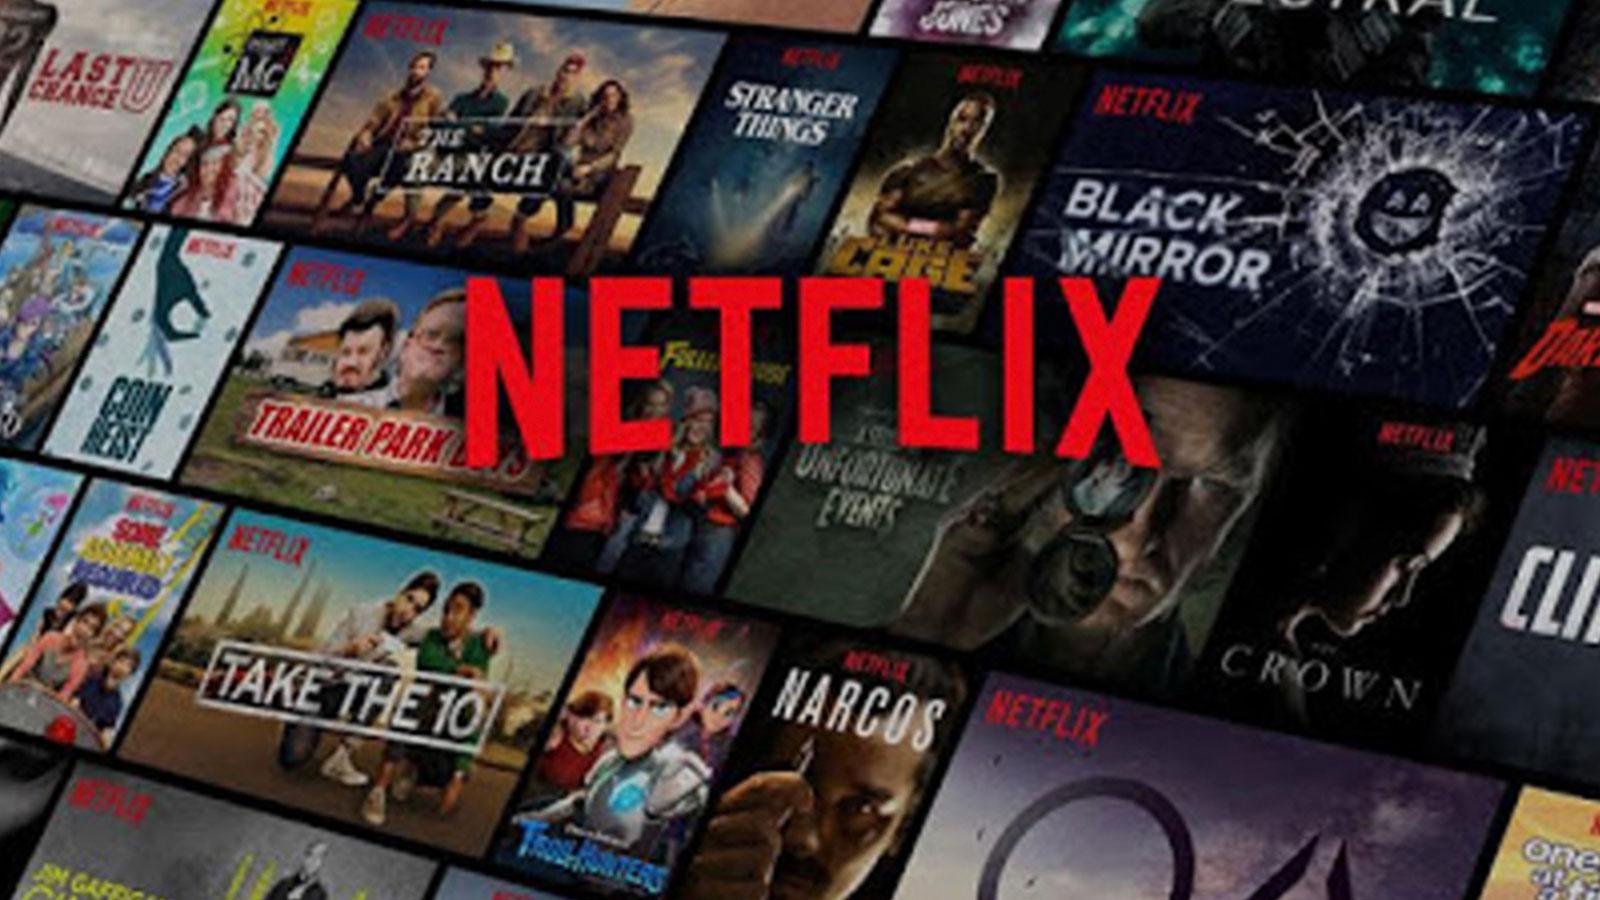 İşte Netflix'in En Popüler Filmleri, Dizileri ve Belgeselleri